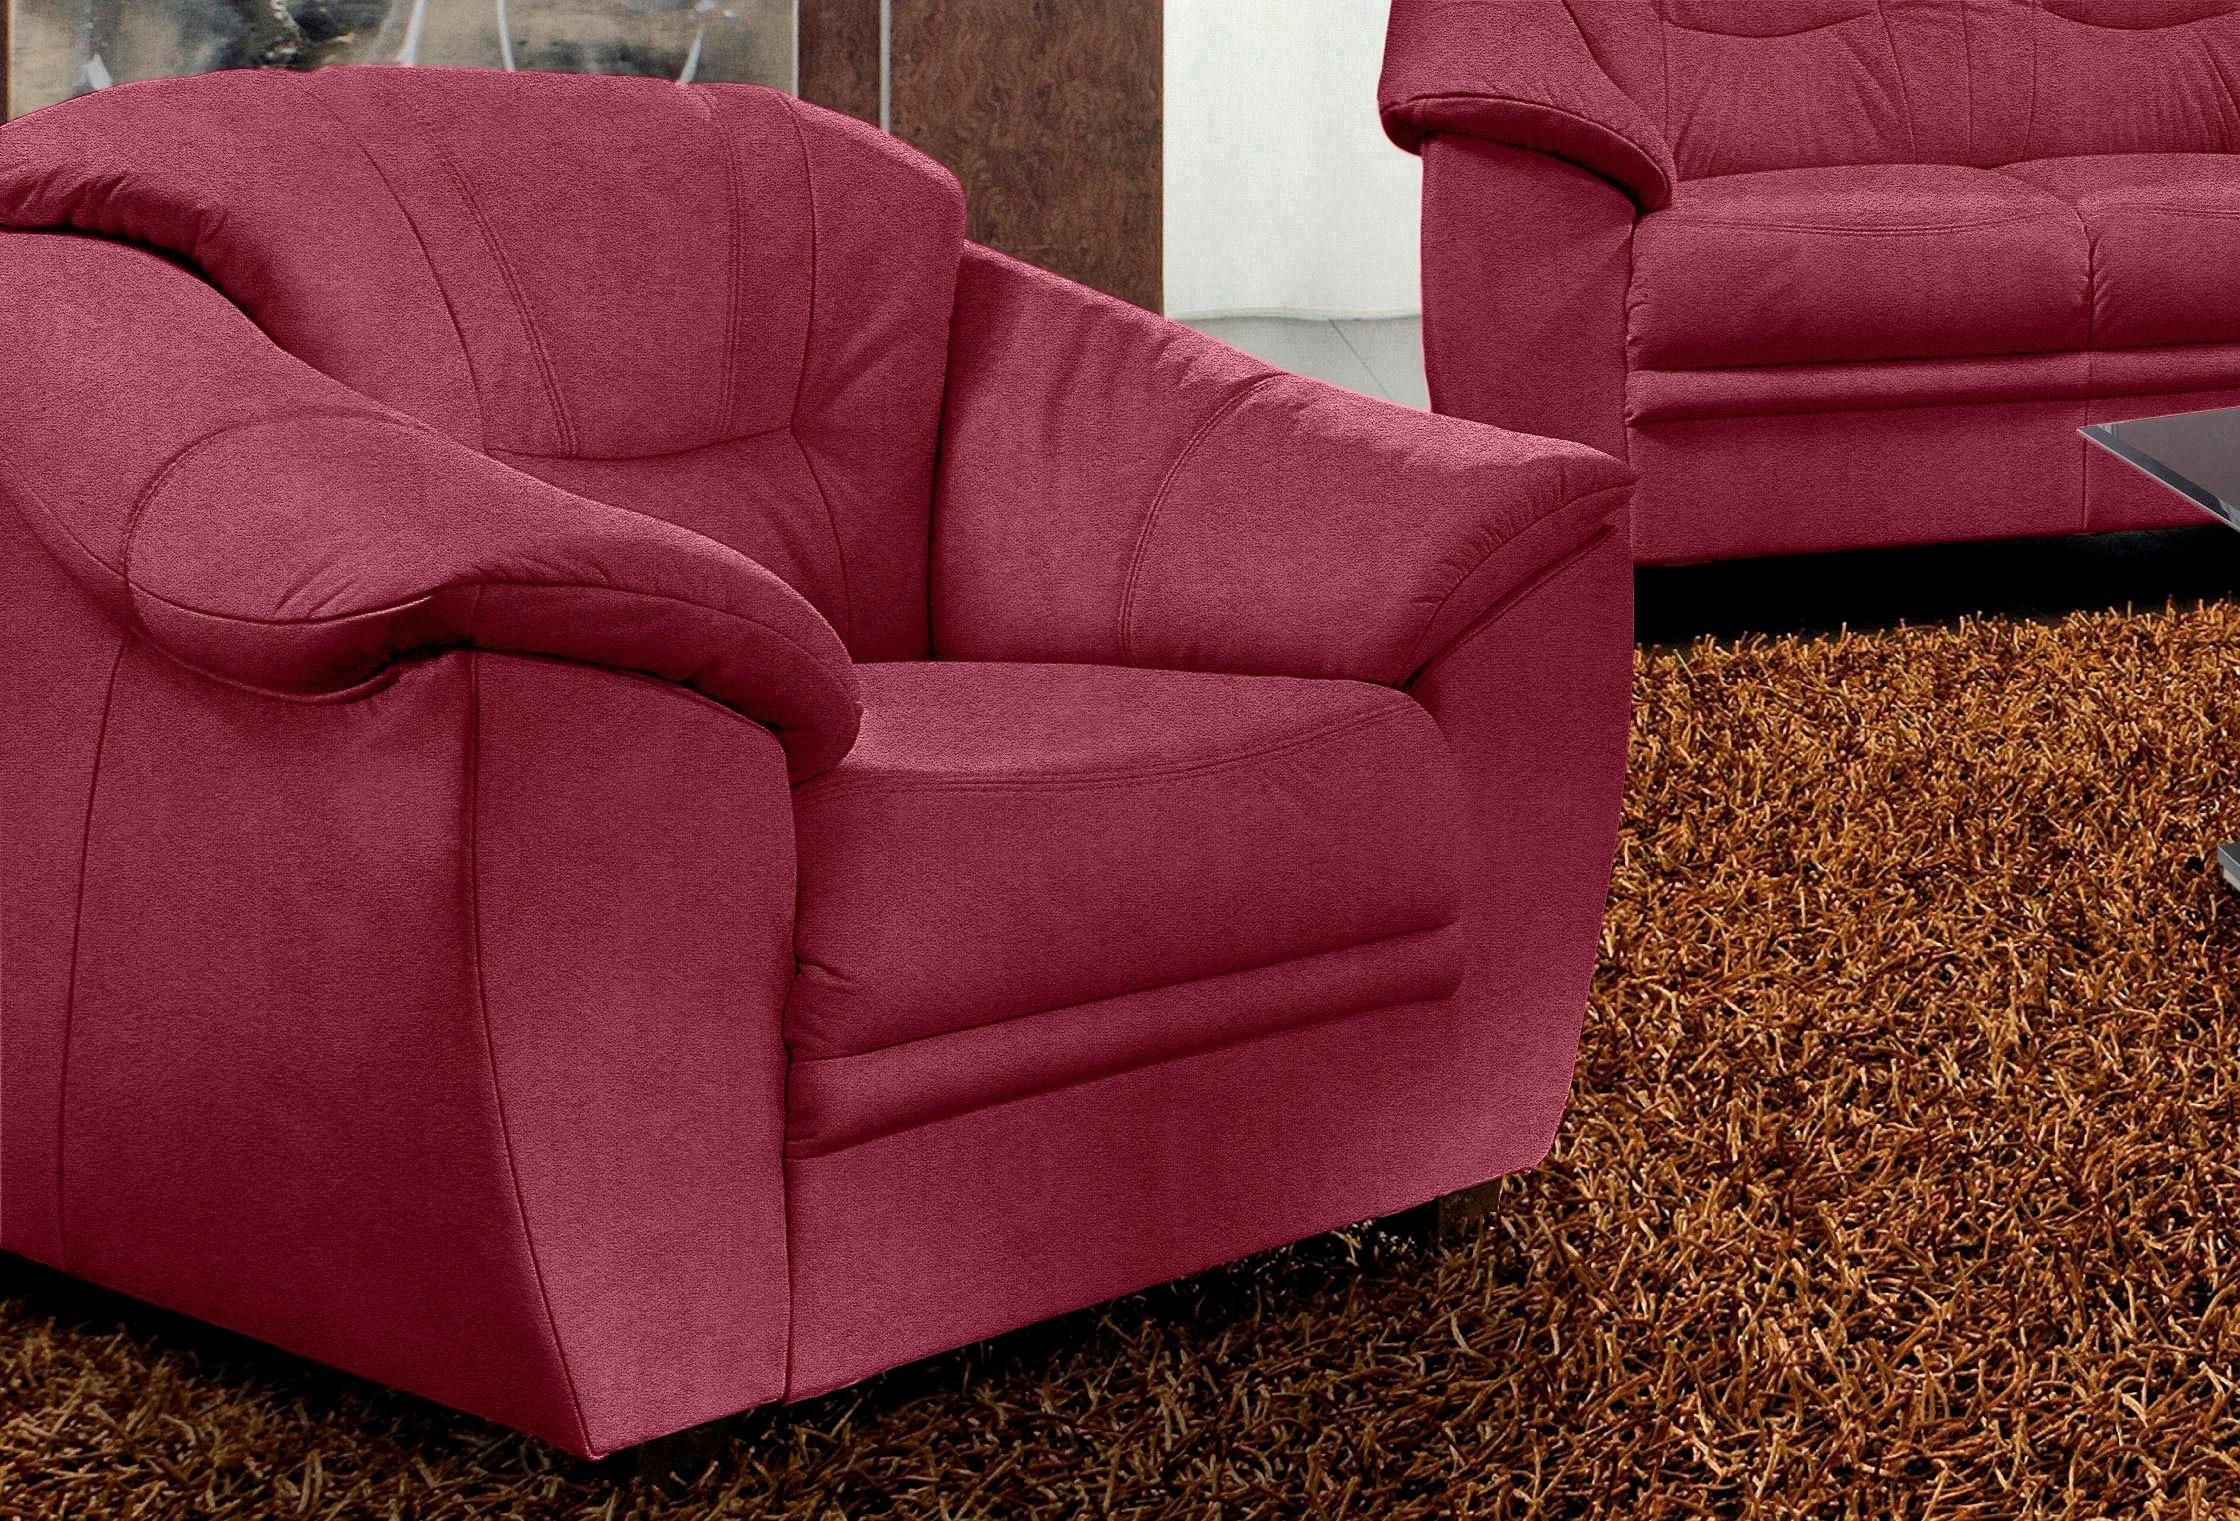 Sit\&more Fauteuil, Primabelle, Softlux of Softlux/structuur goedkoop op otto.nl kopen